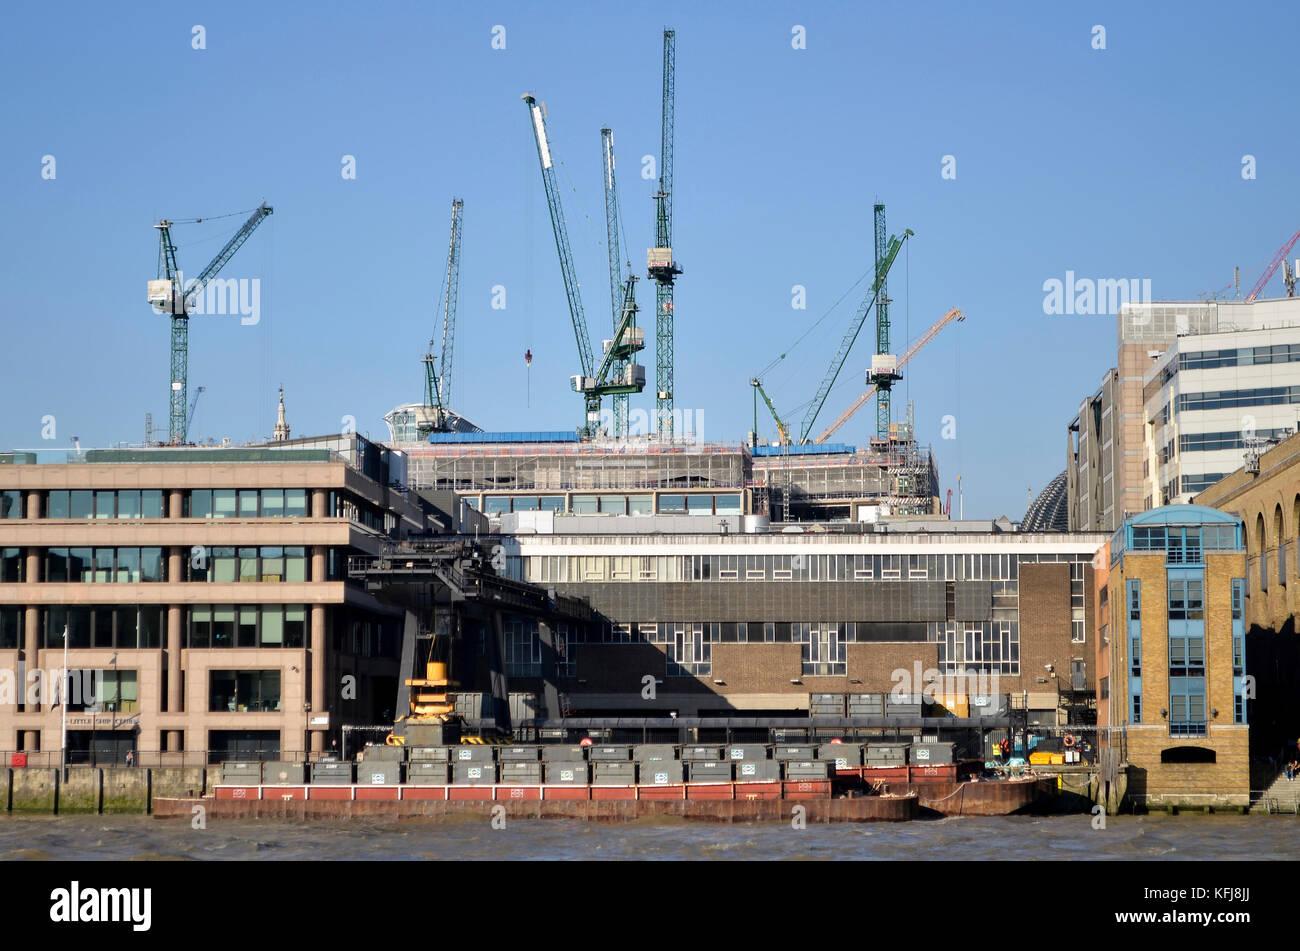 Cory de manejo ambiental de residuos sitio contenedor y barcazas en walbrook Wharf, la Upper Thames Street, Londres. Imagen De Stock